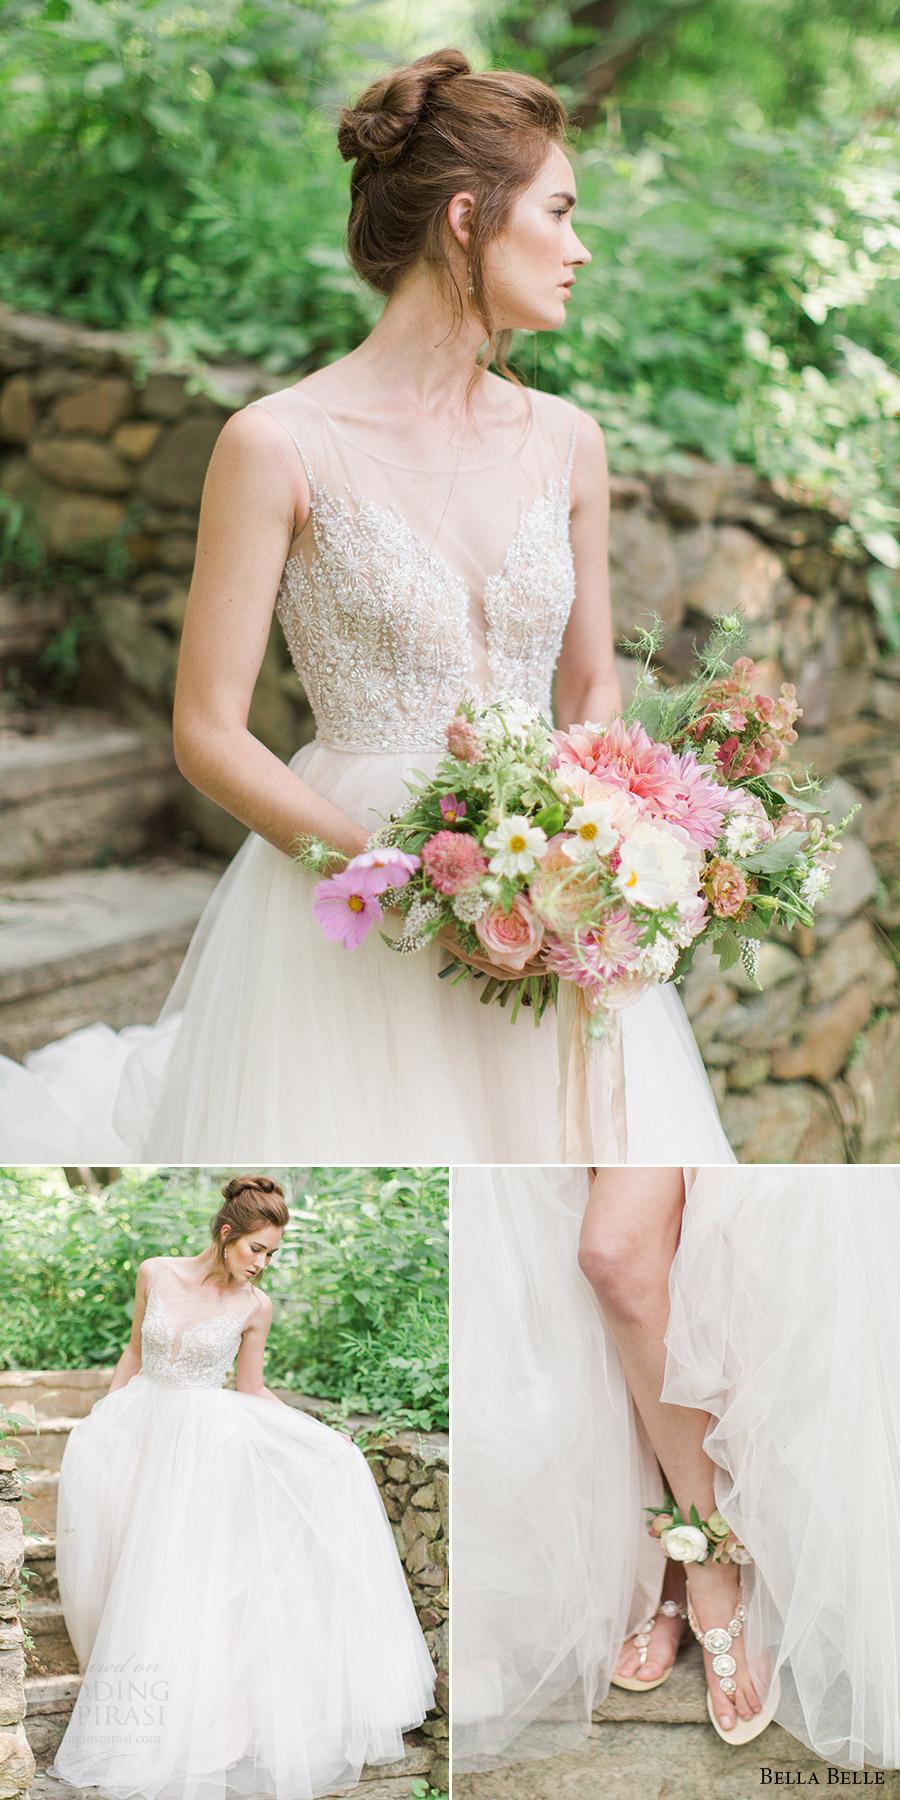 bella belle zapatos de novia 2016 bodas sandalias de la boda de diamantes de imitación de destino myra Watters vestido